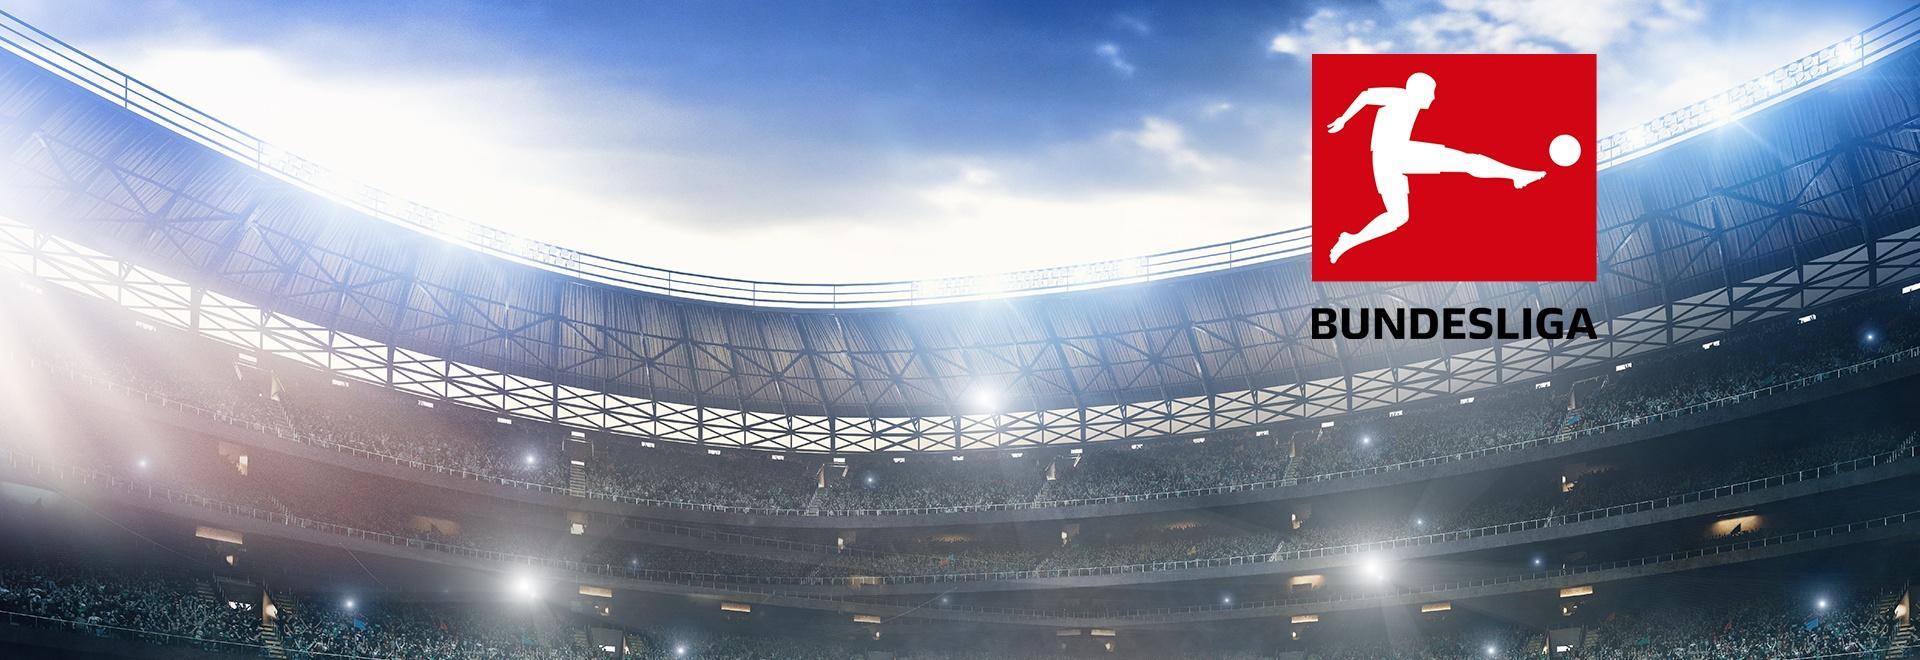 Bundesliga - Stag. 2019 Ep. 28a g. - Una partita